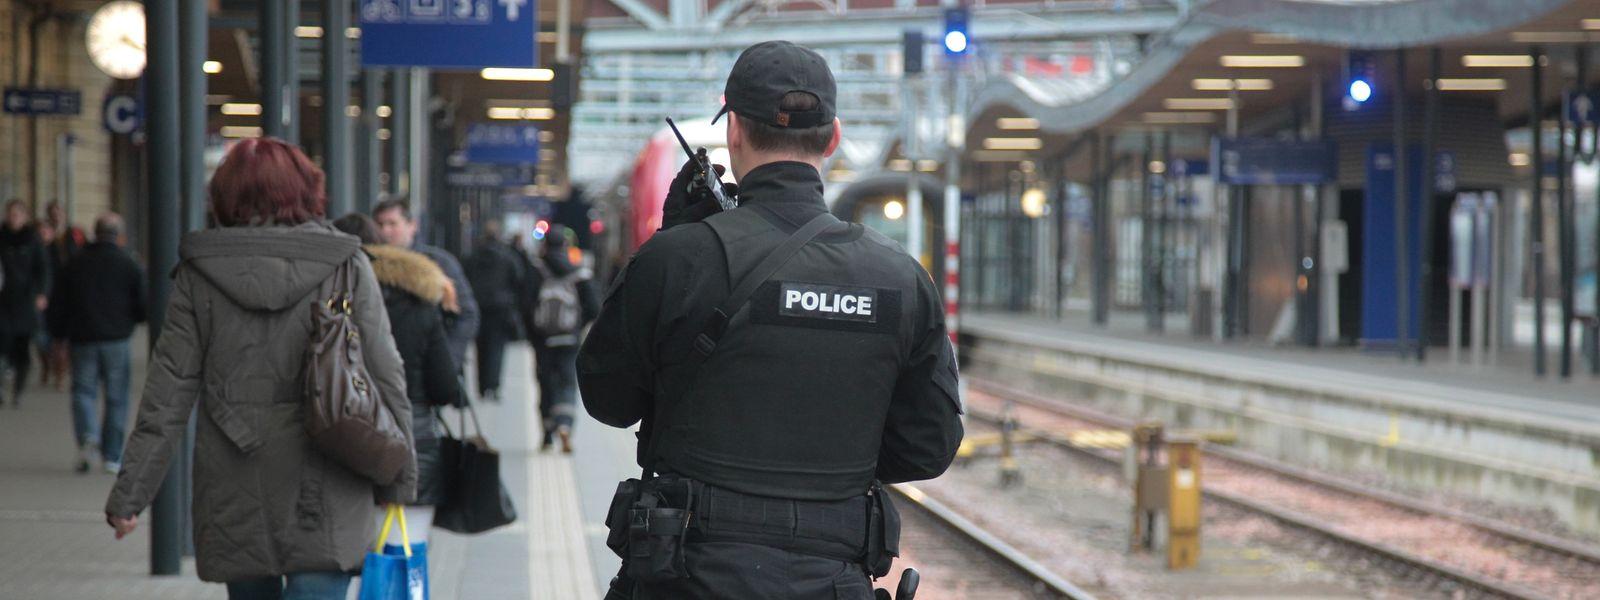 Pour répondre préventivement aux agressions dans les bus, trains et gares, le CSV promet de créer une unité de police dédiée aux transports publics.